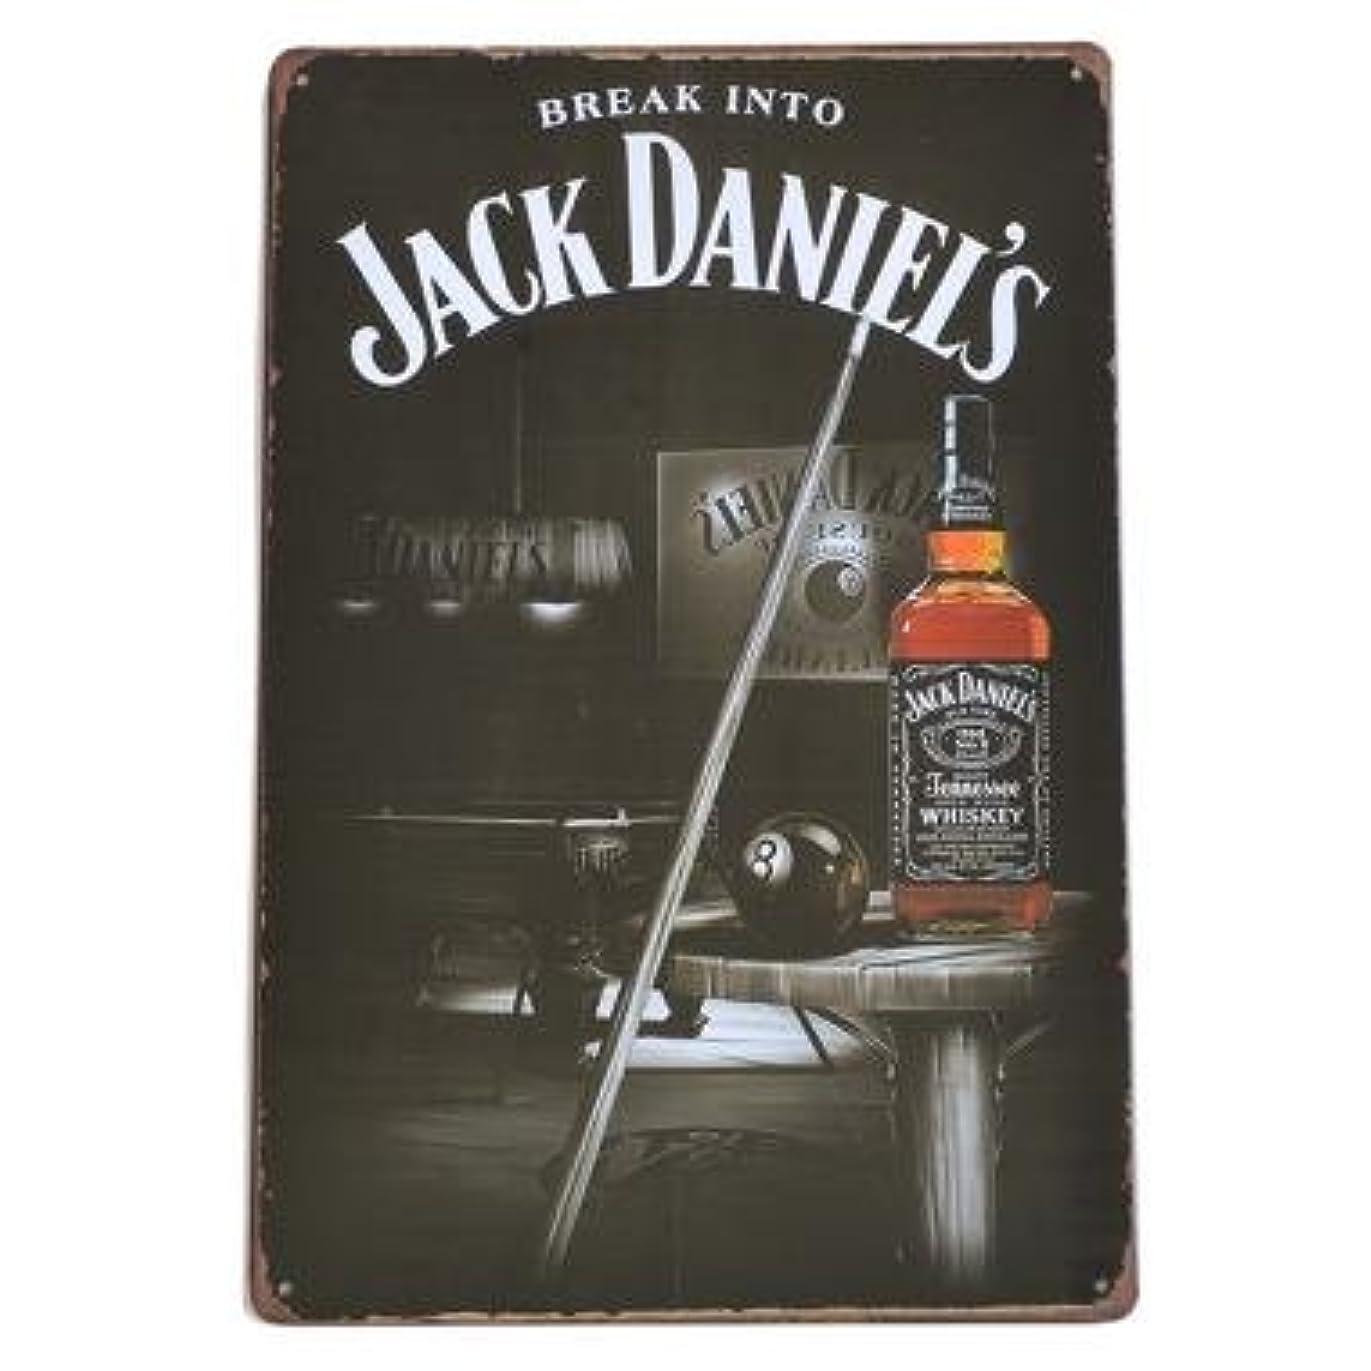 戻る乱れ少しJACK DANIEL'S ブリキ看板 ジャックダニエル 看板 No.7 40cm×30cm (デザイン1) [並行輸入品]